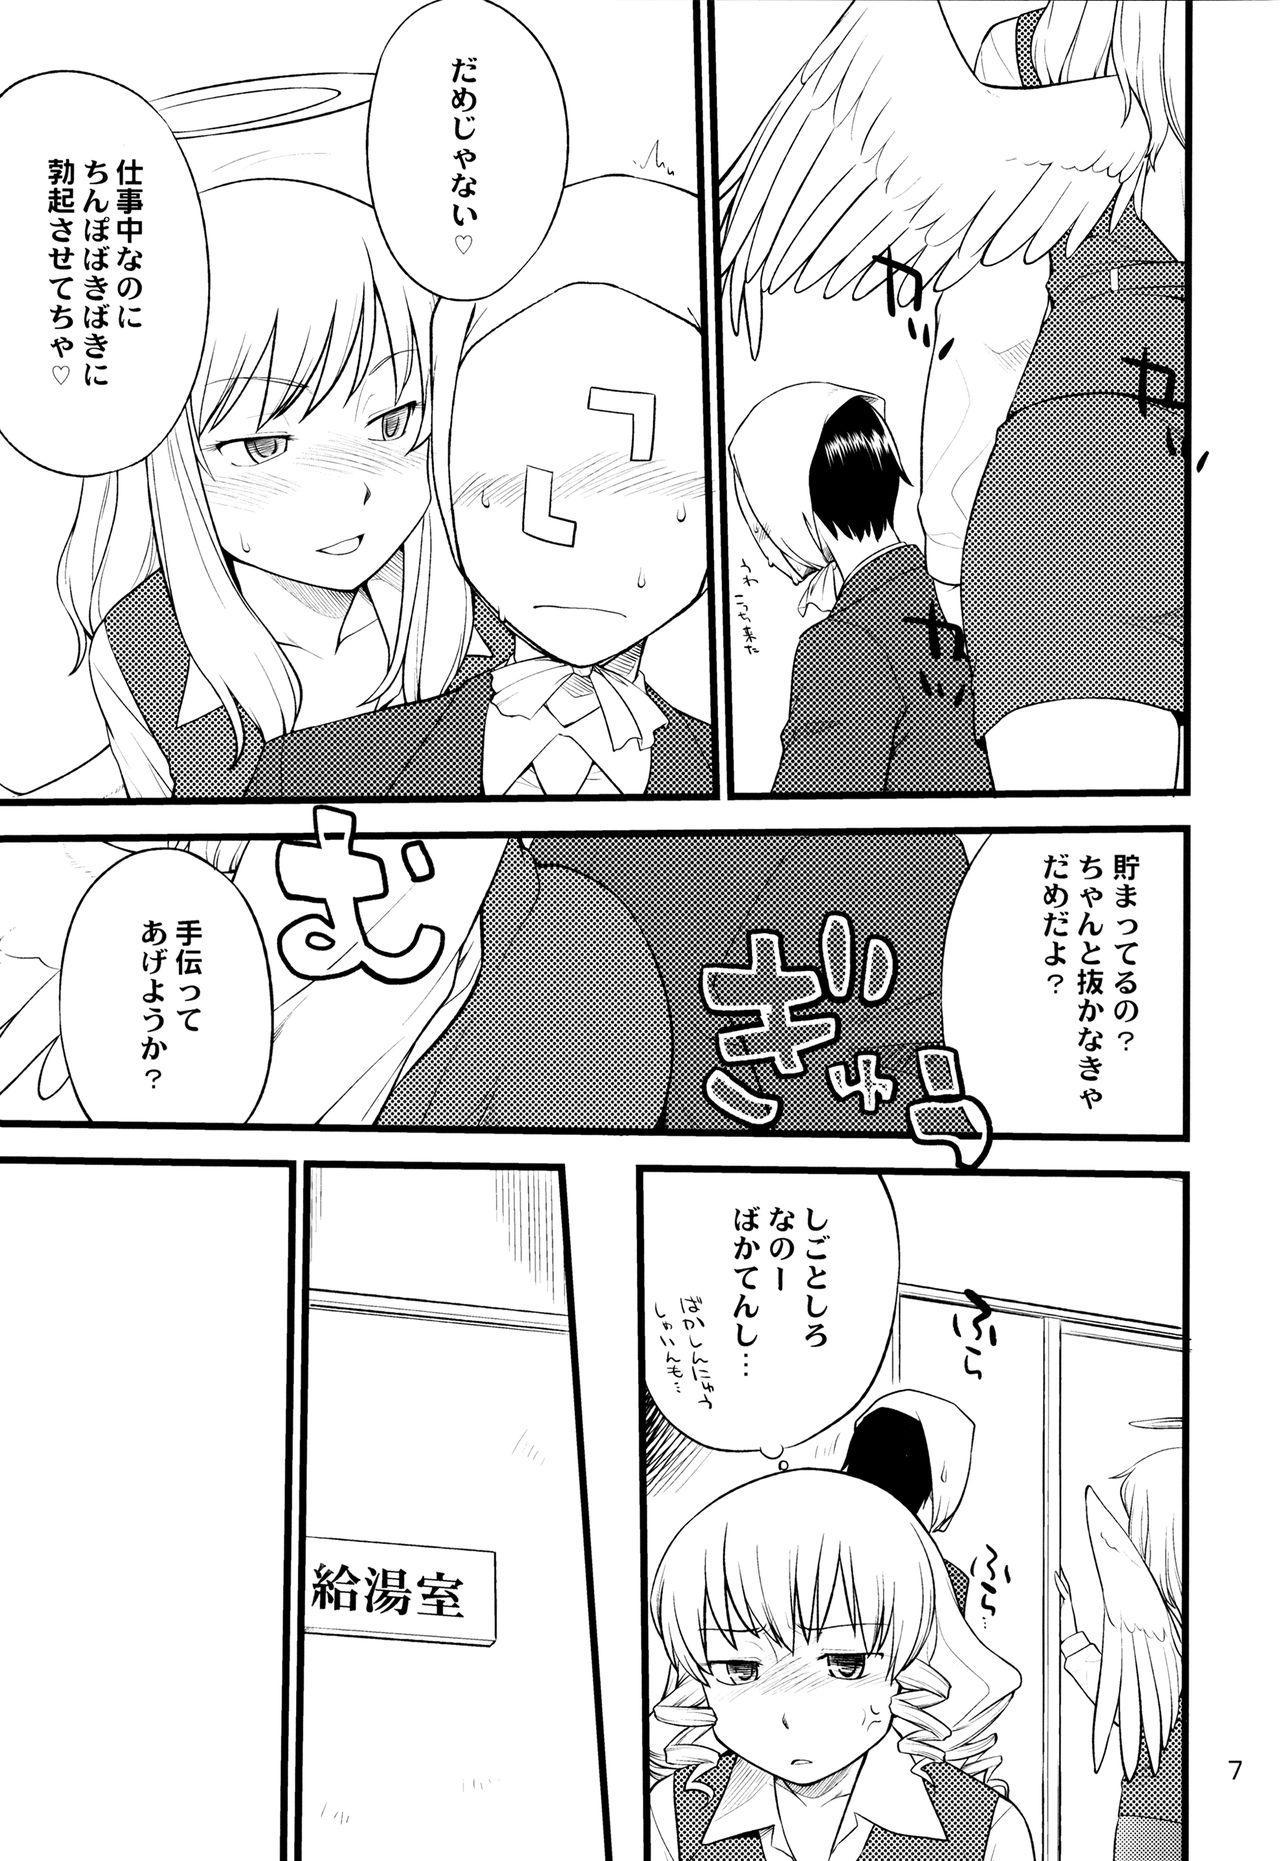 OL-san no Eroi Hon 5